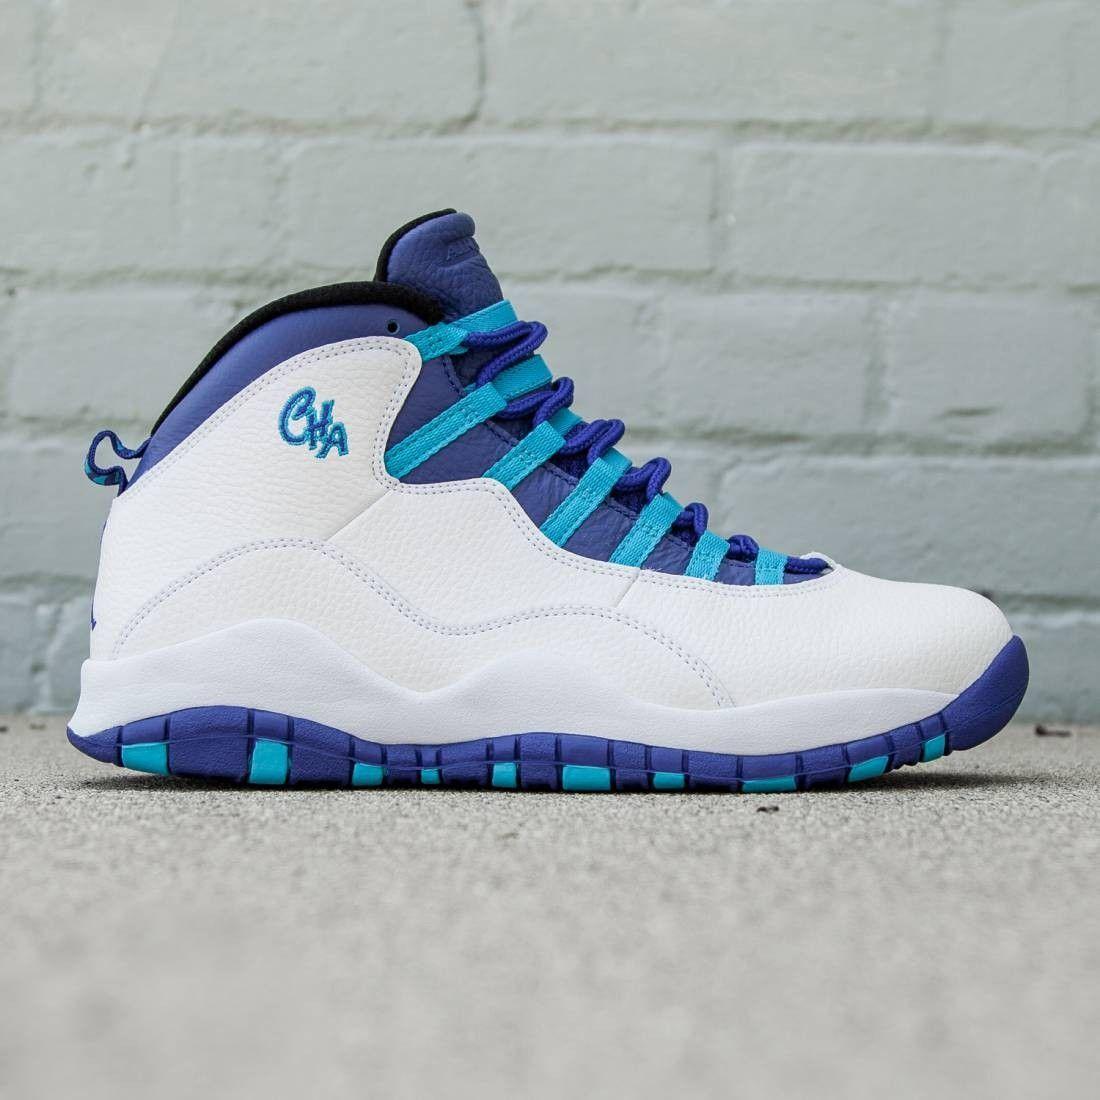 c8641d988e4 Jordan Men Air Jordan Retro X Charlotte (white / concord-blue lagoon-black)